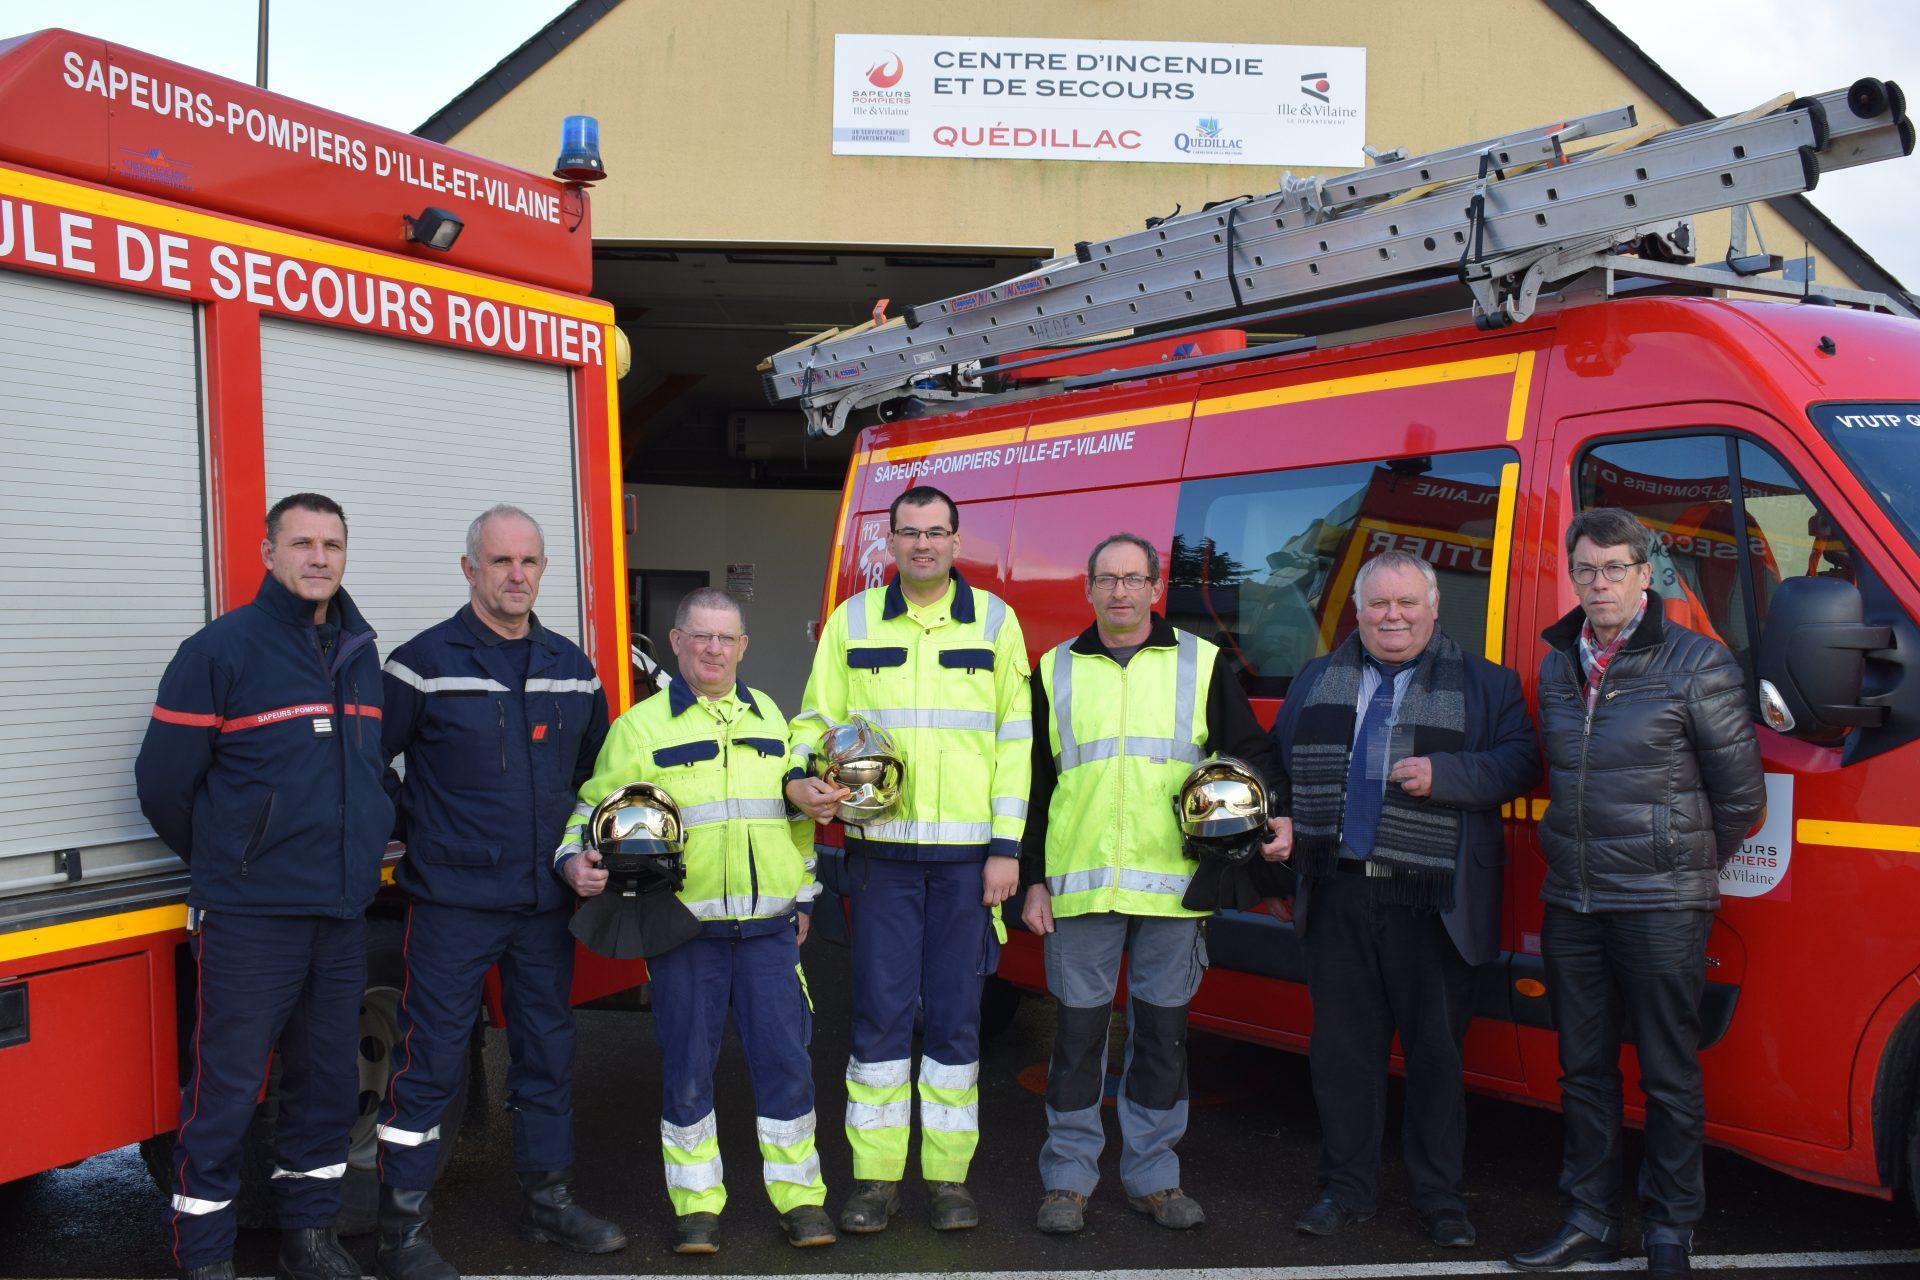 Sapeurs pompiers volontaires : reportage